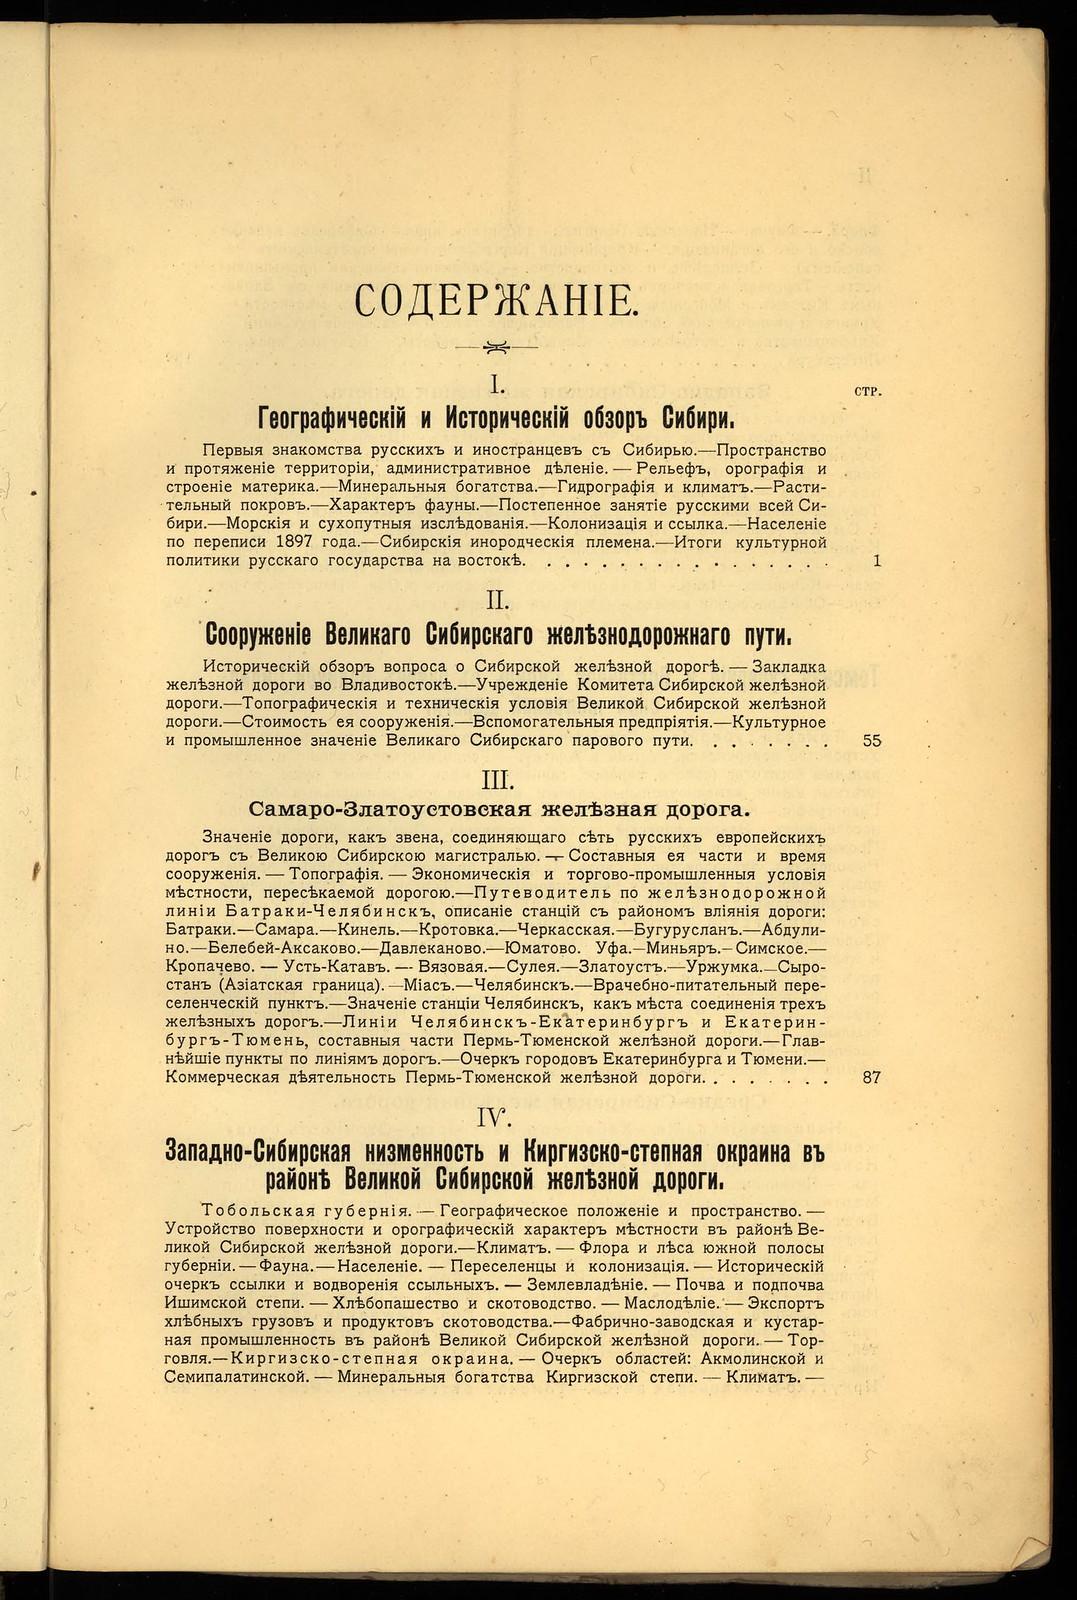 1900. Путеводитель по Великой Сибирской железной дороге_Страница_006